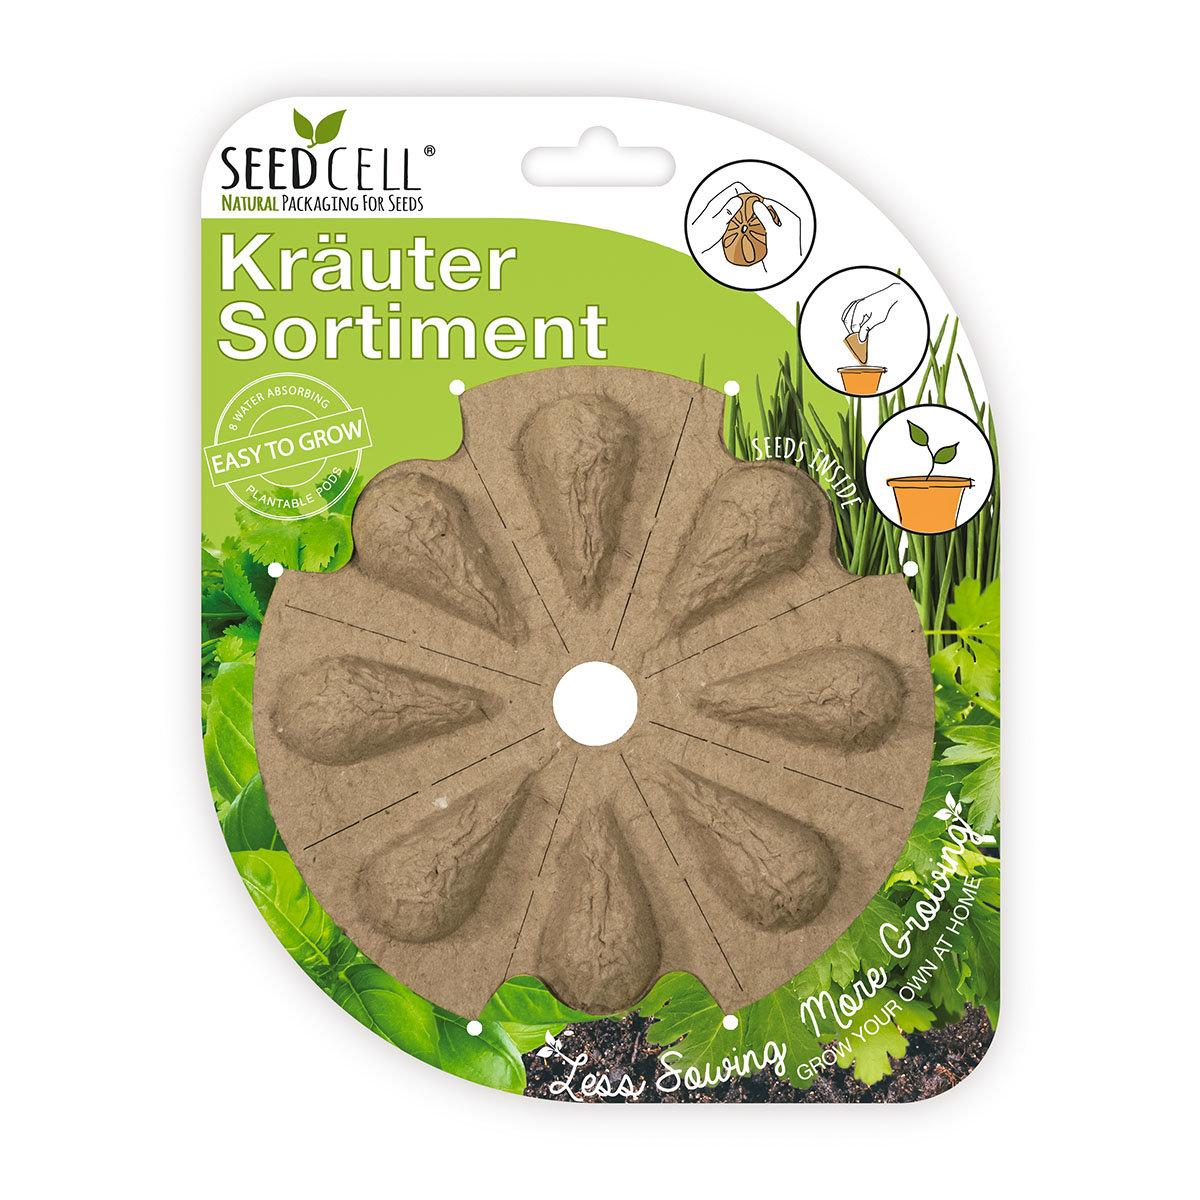 Seedcell-Sortiment Kräuter